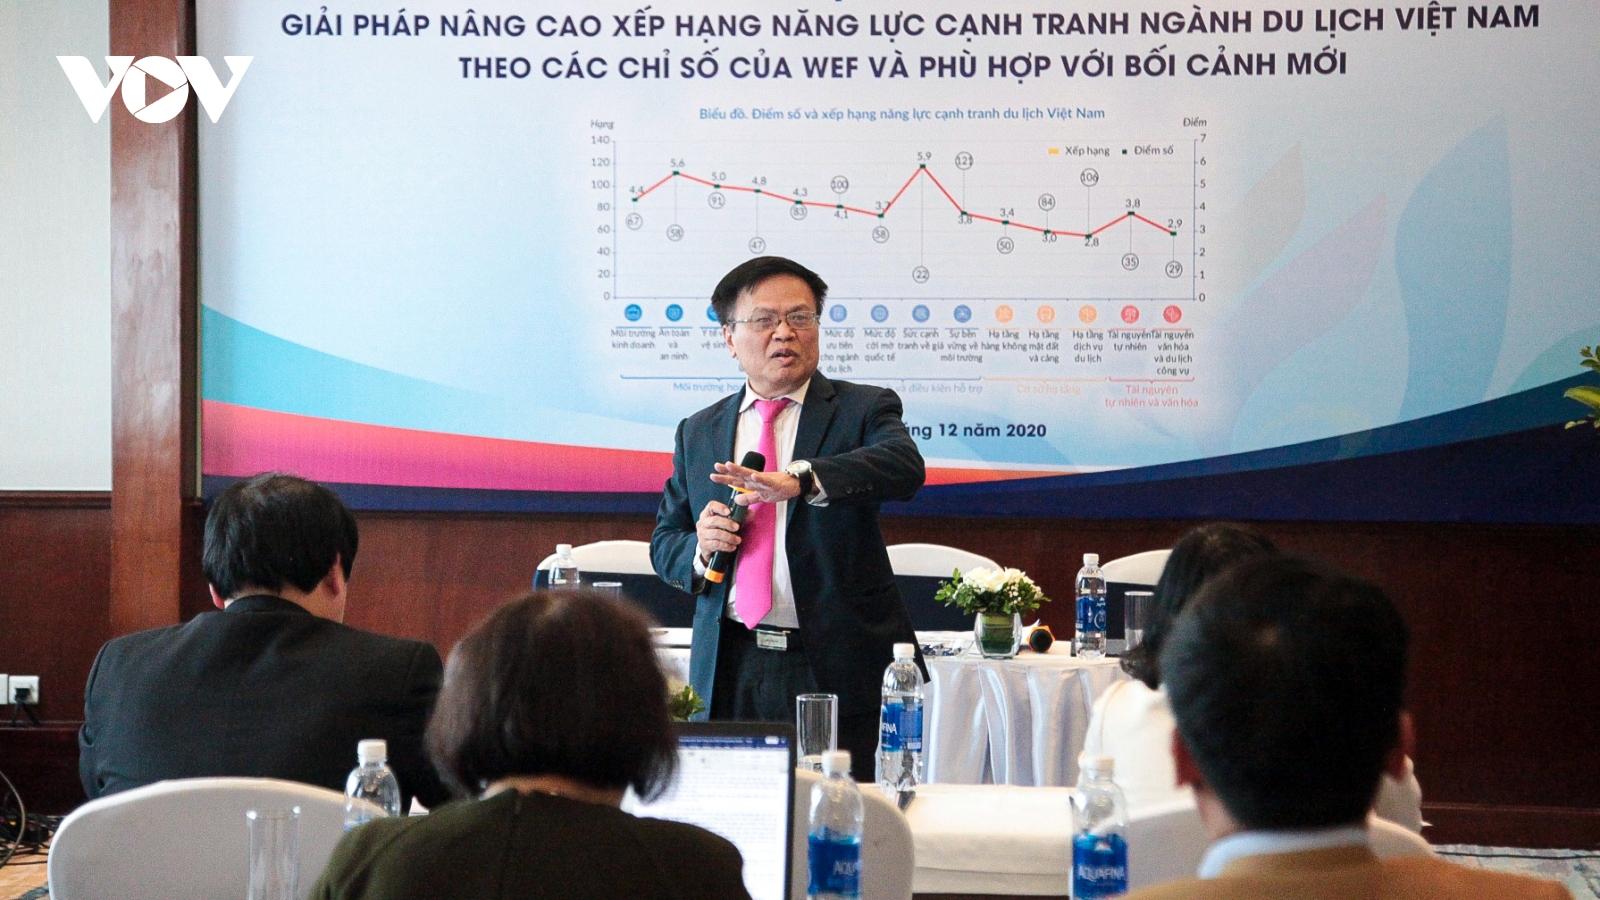 Du lịch Việt Nam nỗ lực tăng sức cạnh tranh giai đoạn hậu Covid-19